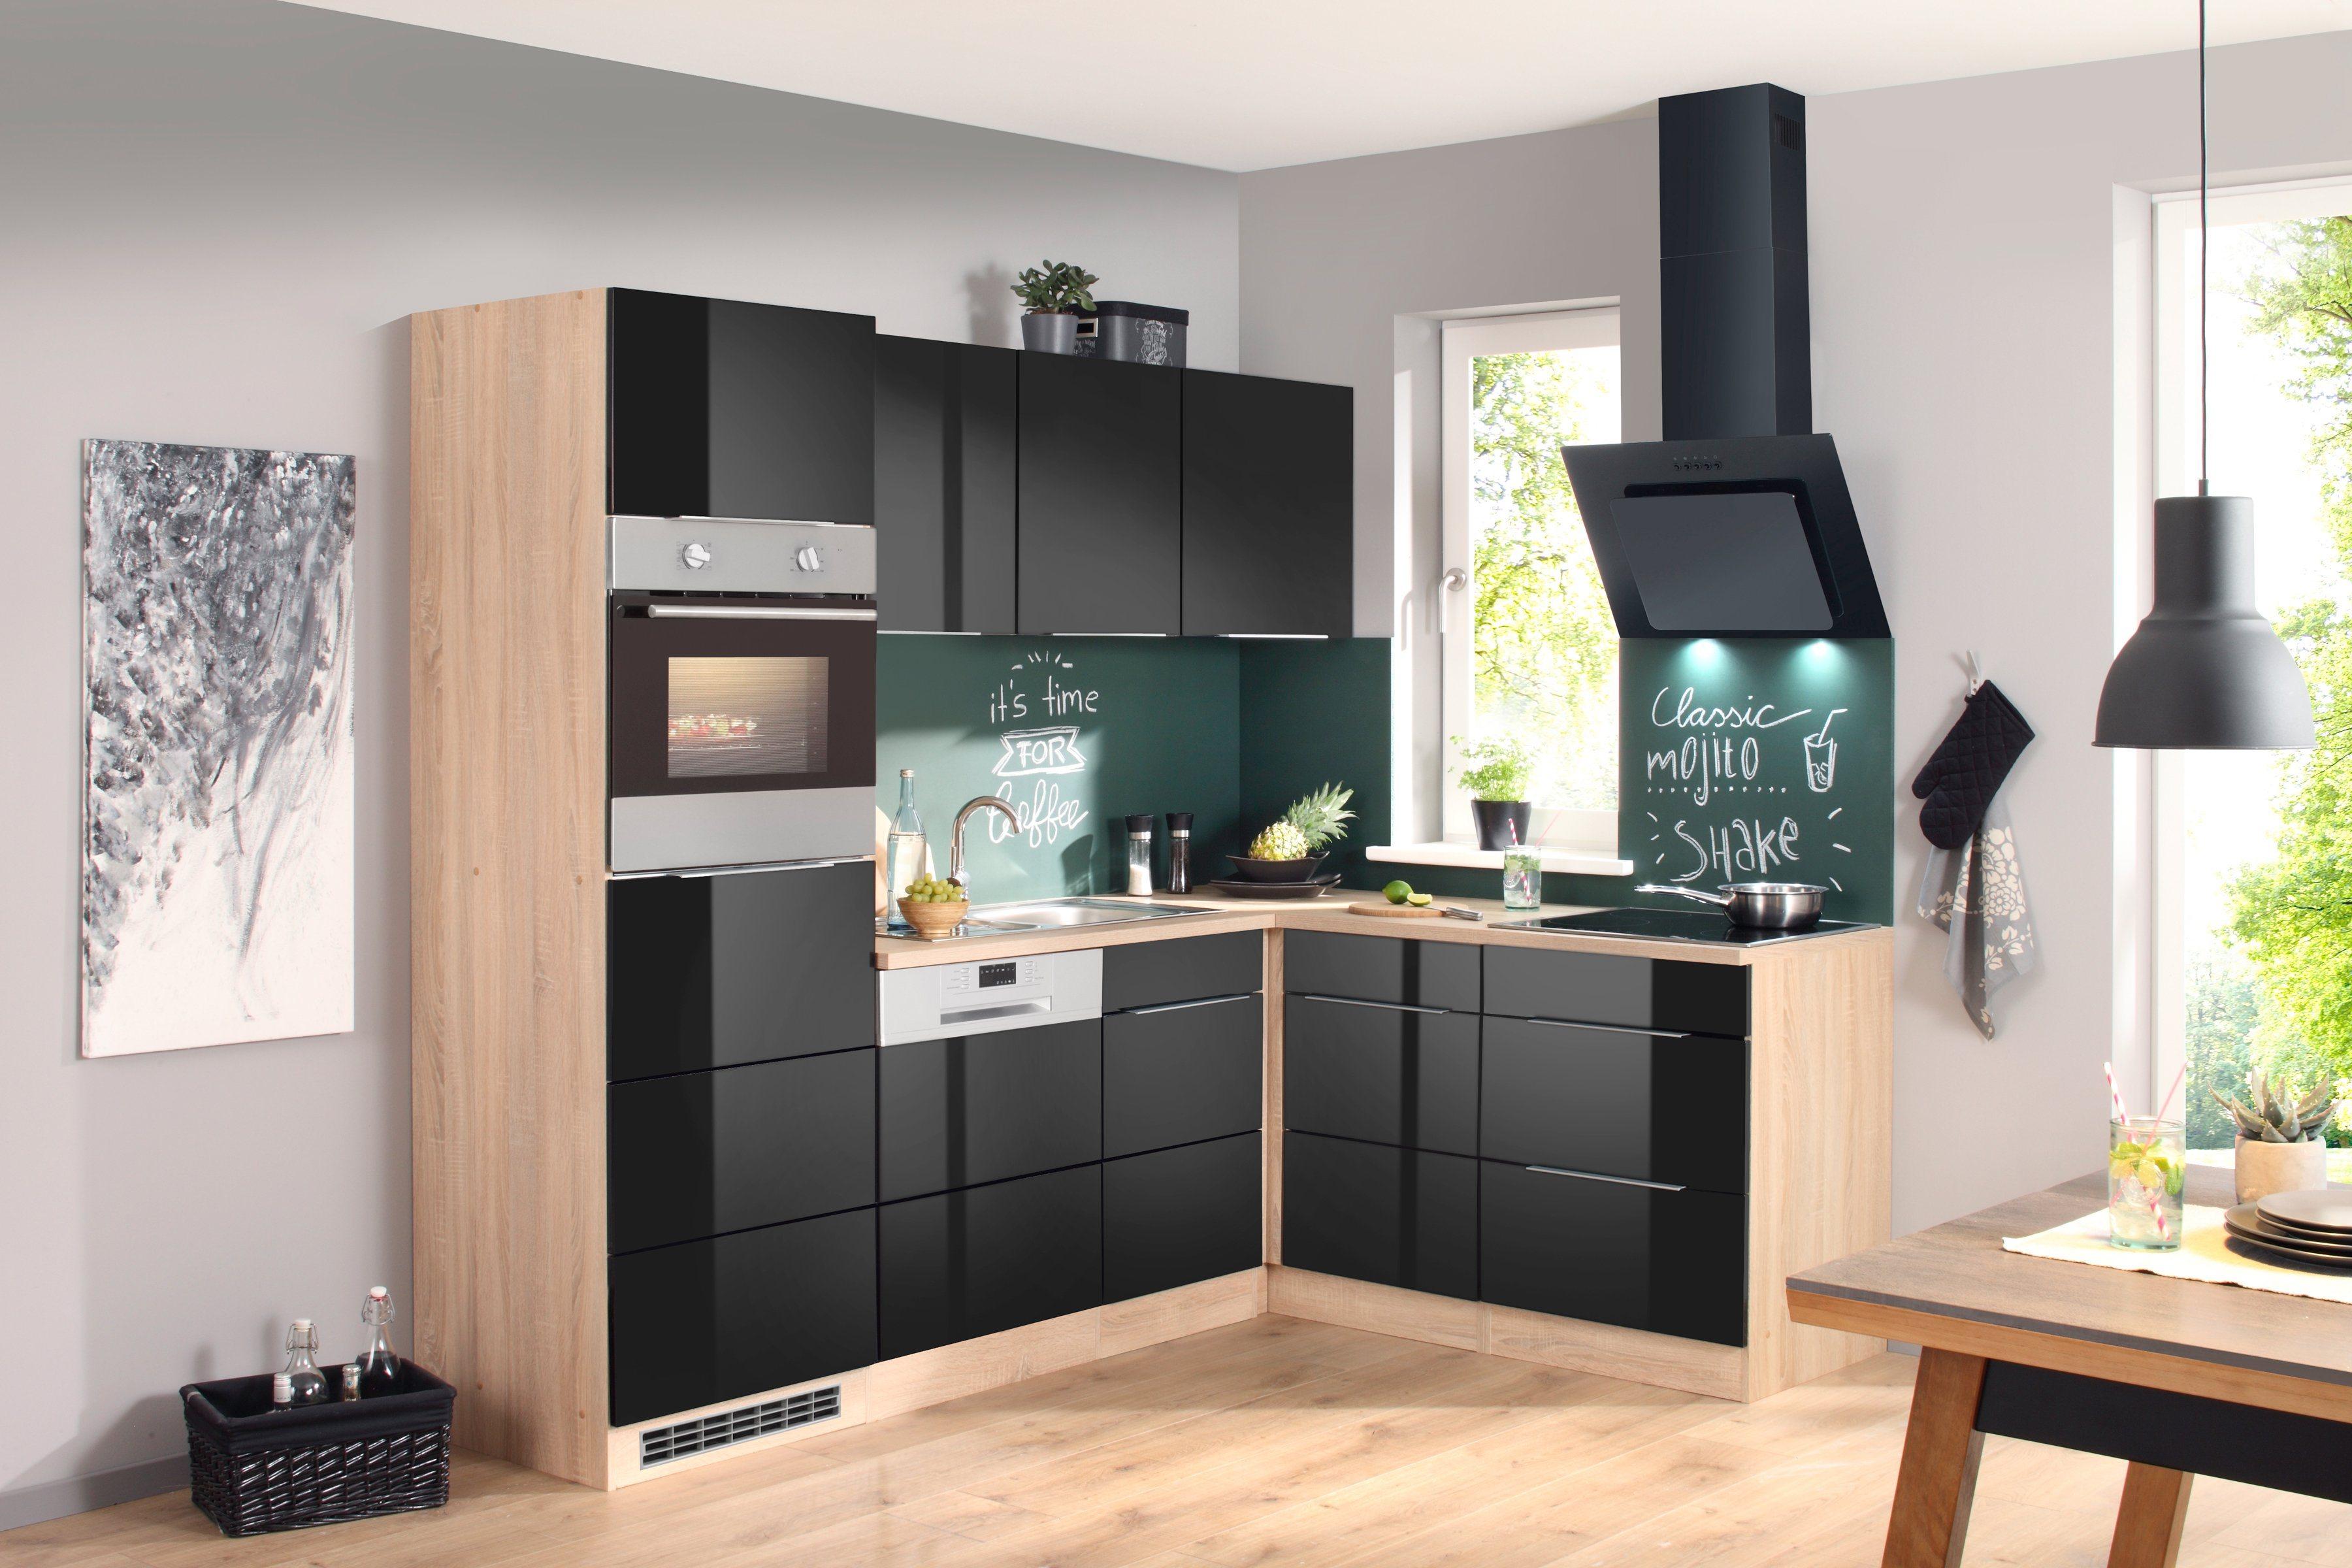 spuele armatur g nstig gebraucht kaufen bis 70 billiger. Black Bedroom Furniture Sets. Home Design Ideas